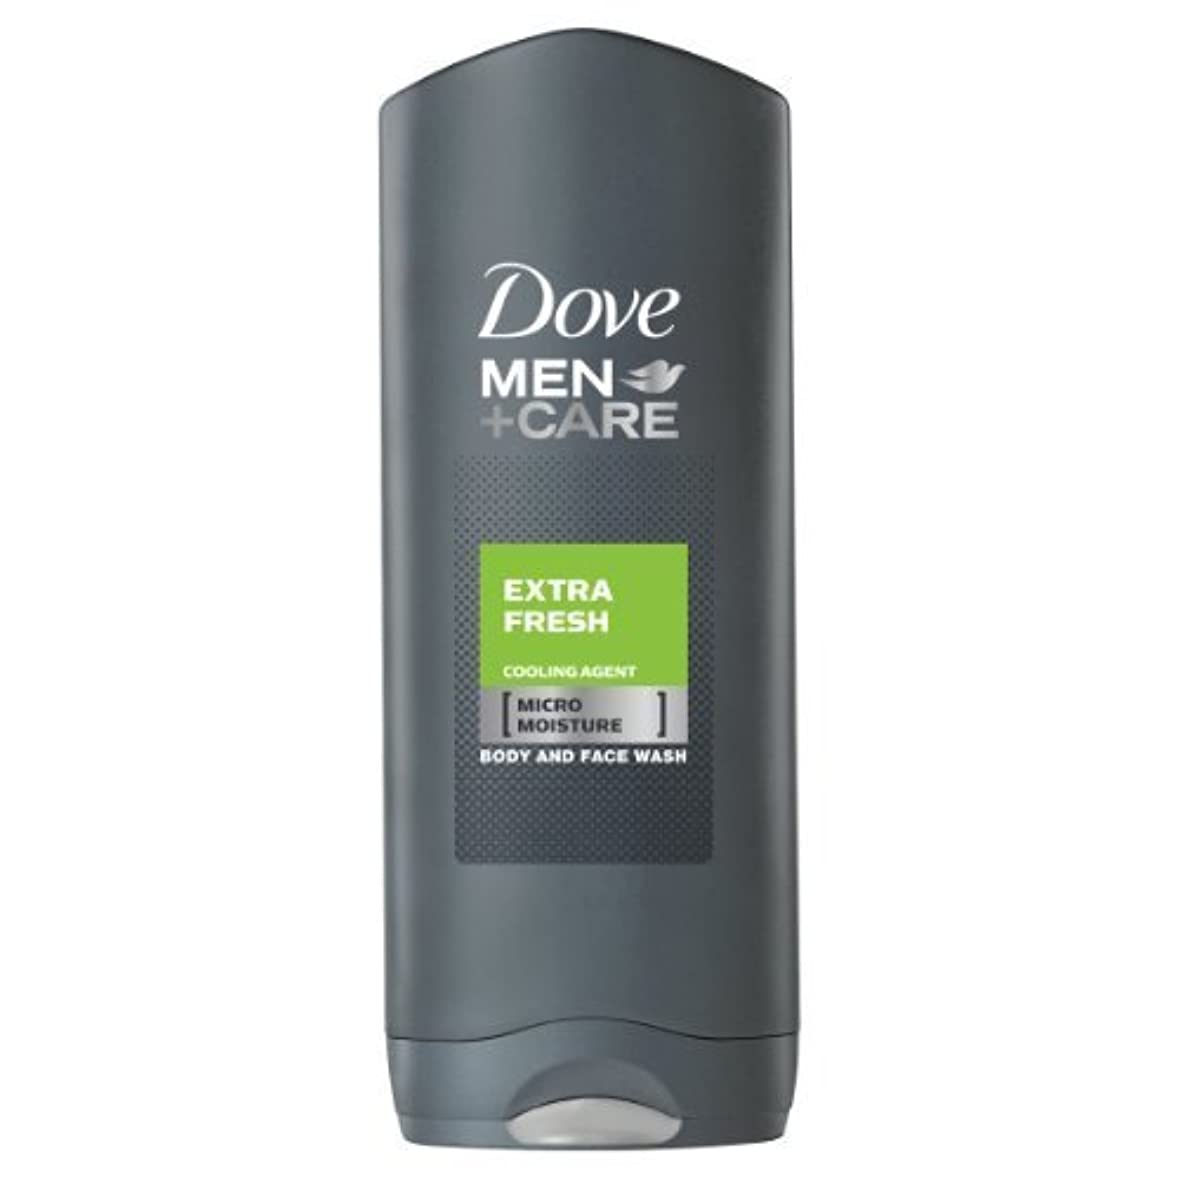 補助金解放するピケDove for Men Extra Fresh Body and Face Wash 250 ml by Dove [並行輸入品]